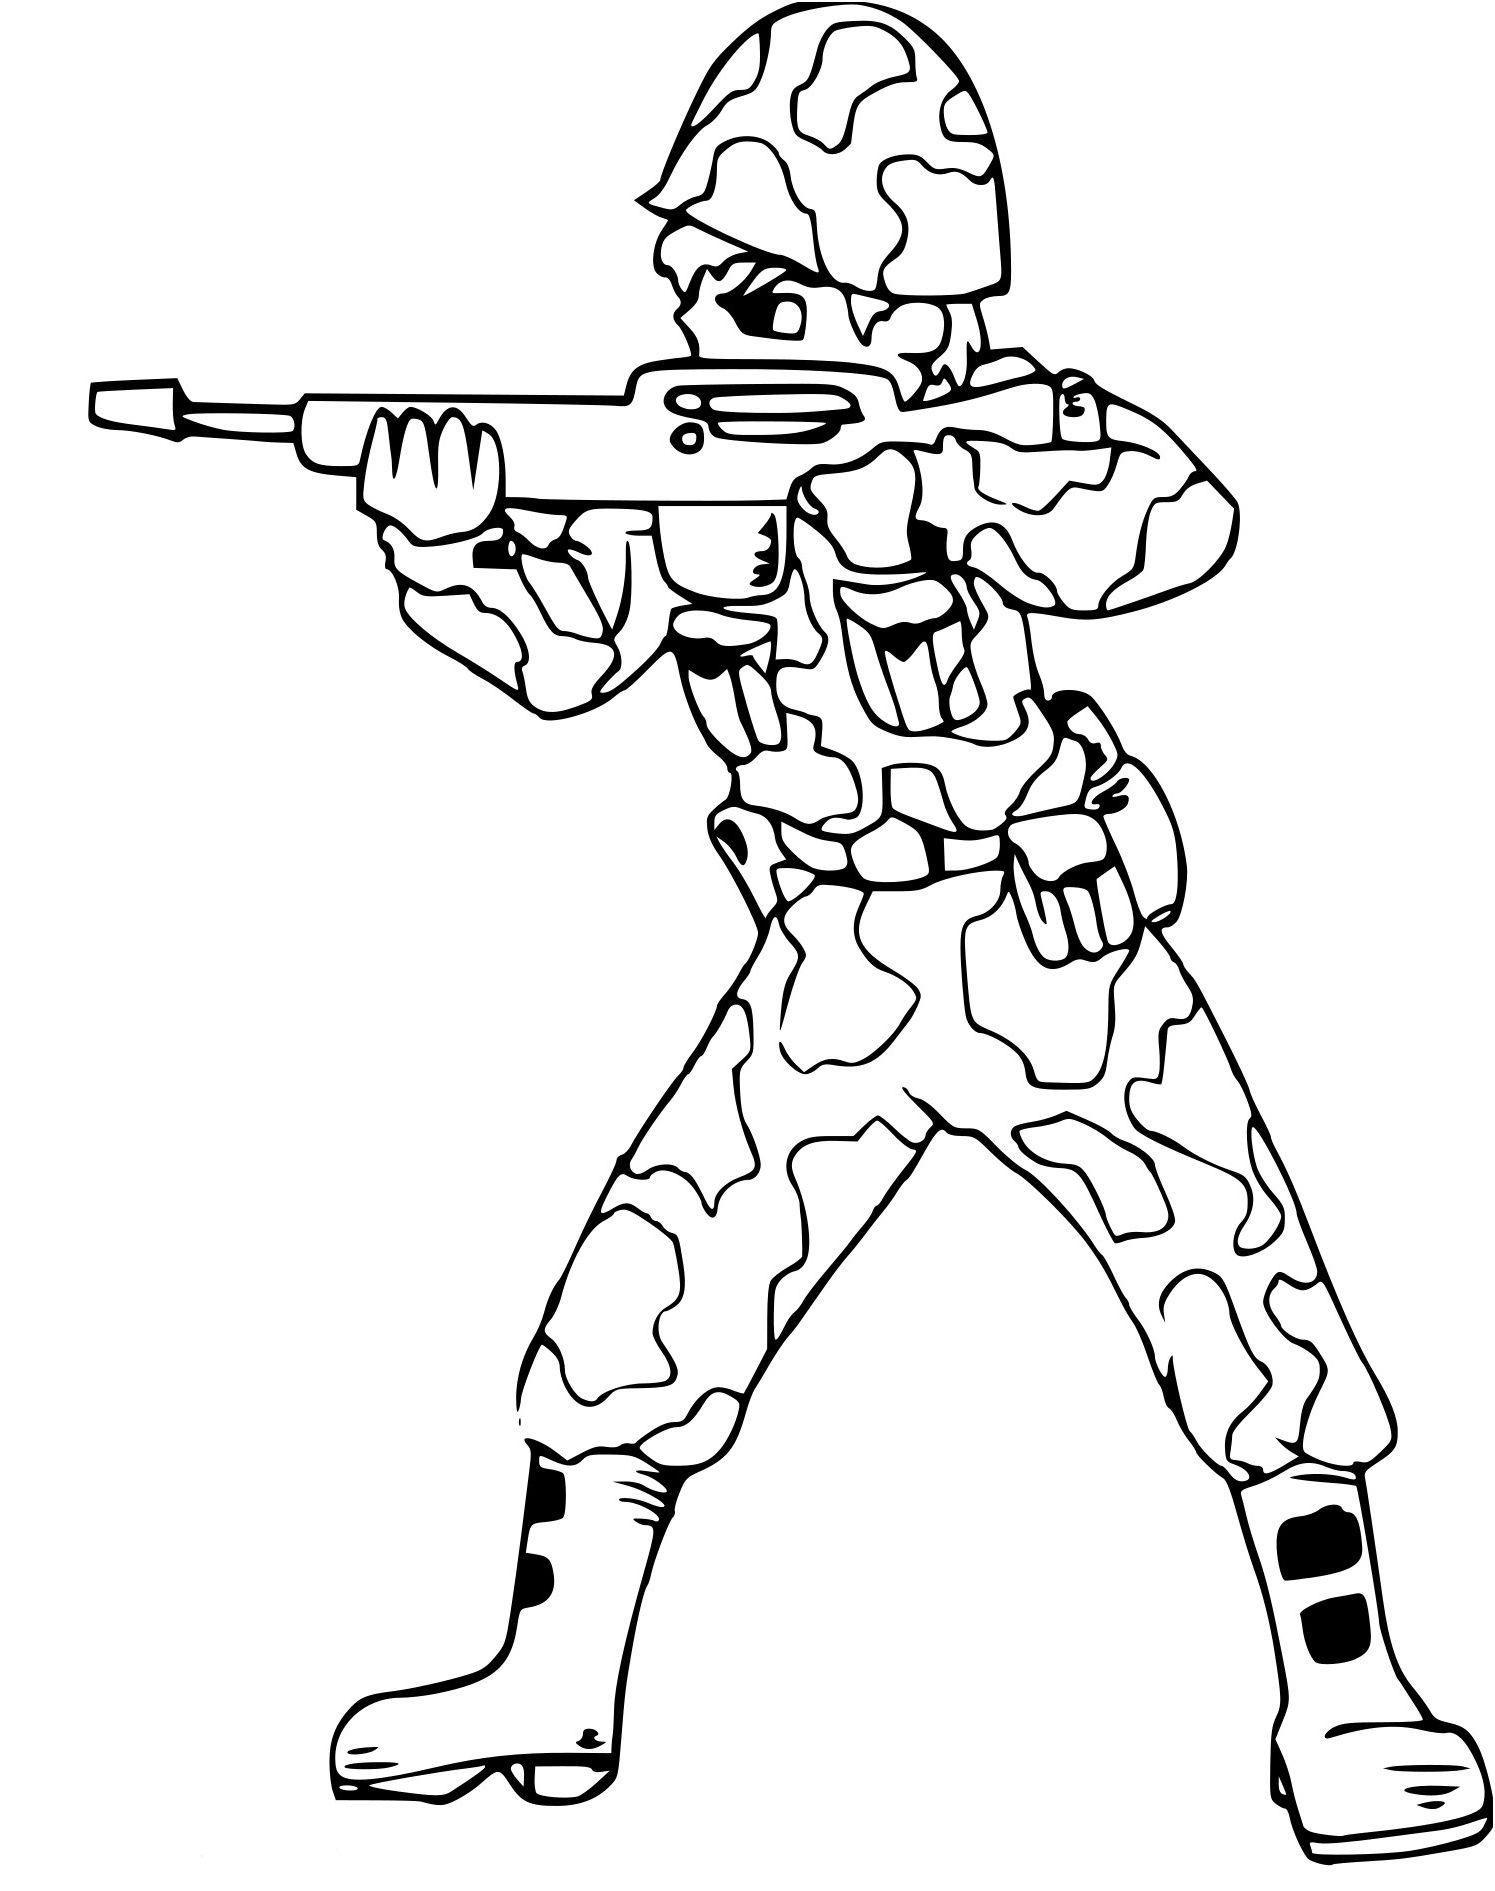 14 Aimable Coloriage Militaire soldat Stock en 2020   Coloriage, Coloriage en ligne gratuit ...